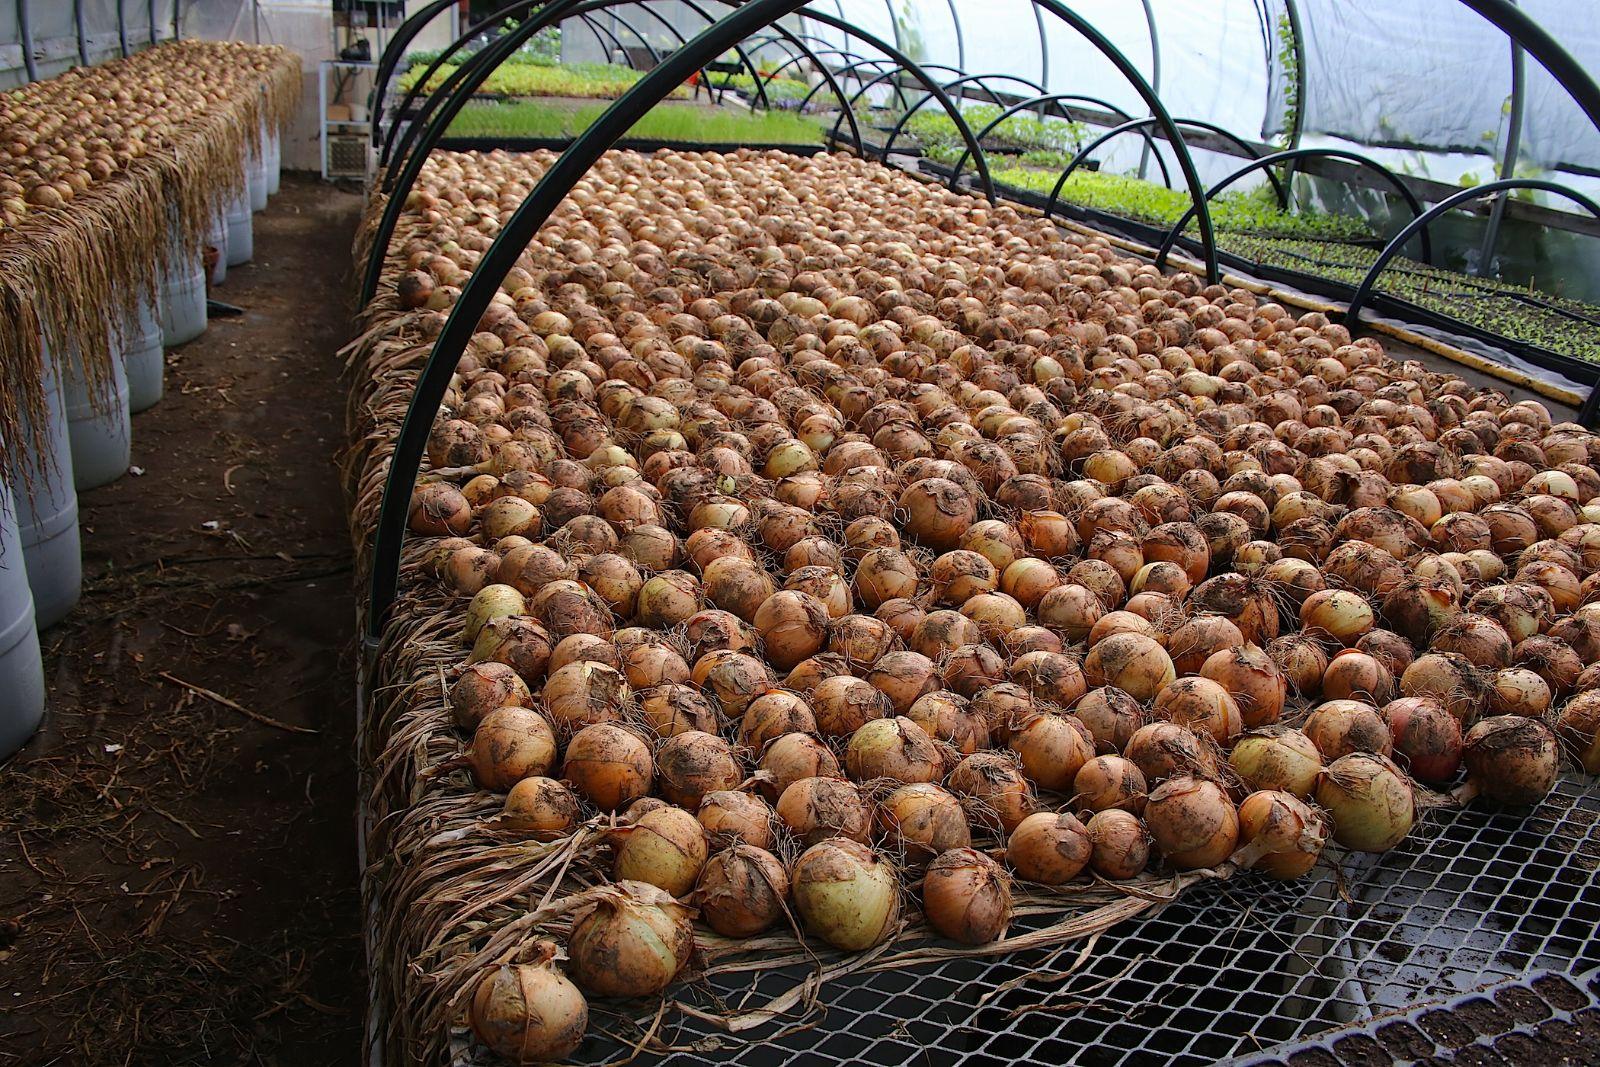 Onions_in_hoop_house_8_15.JPG